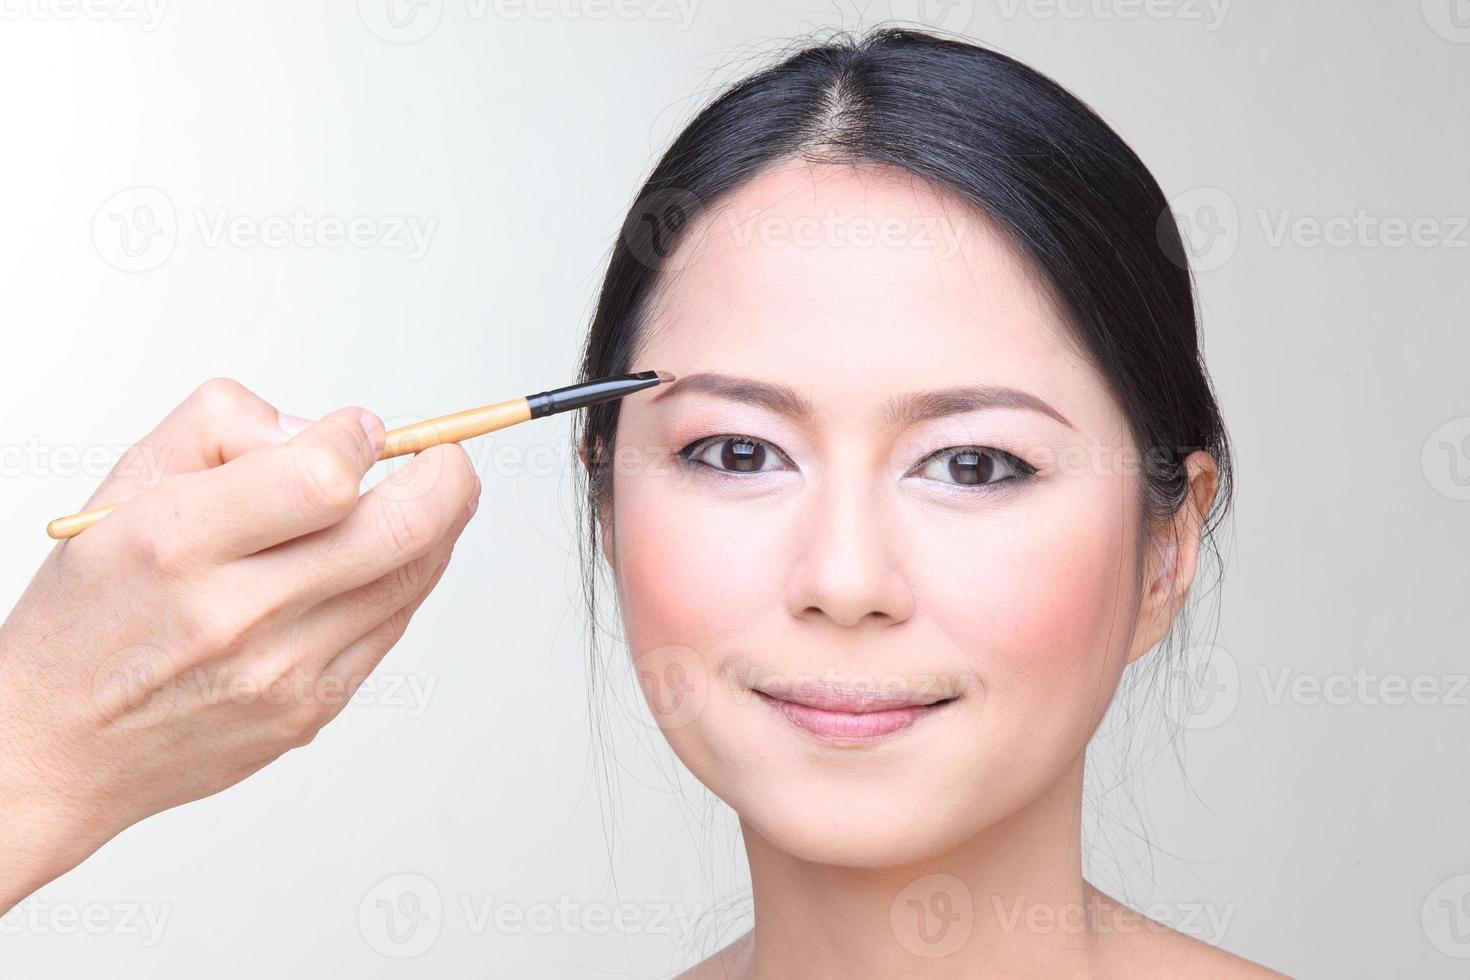 maquilleuse professionnelle maquillant un modèle glamour au travail photo